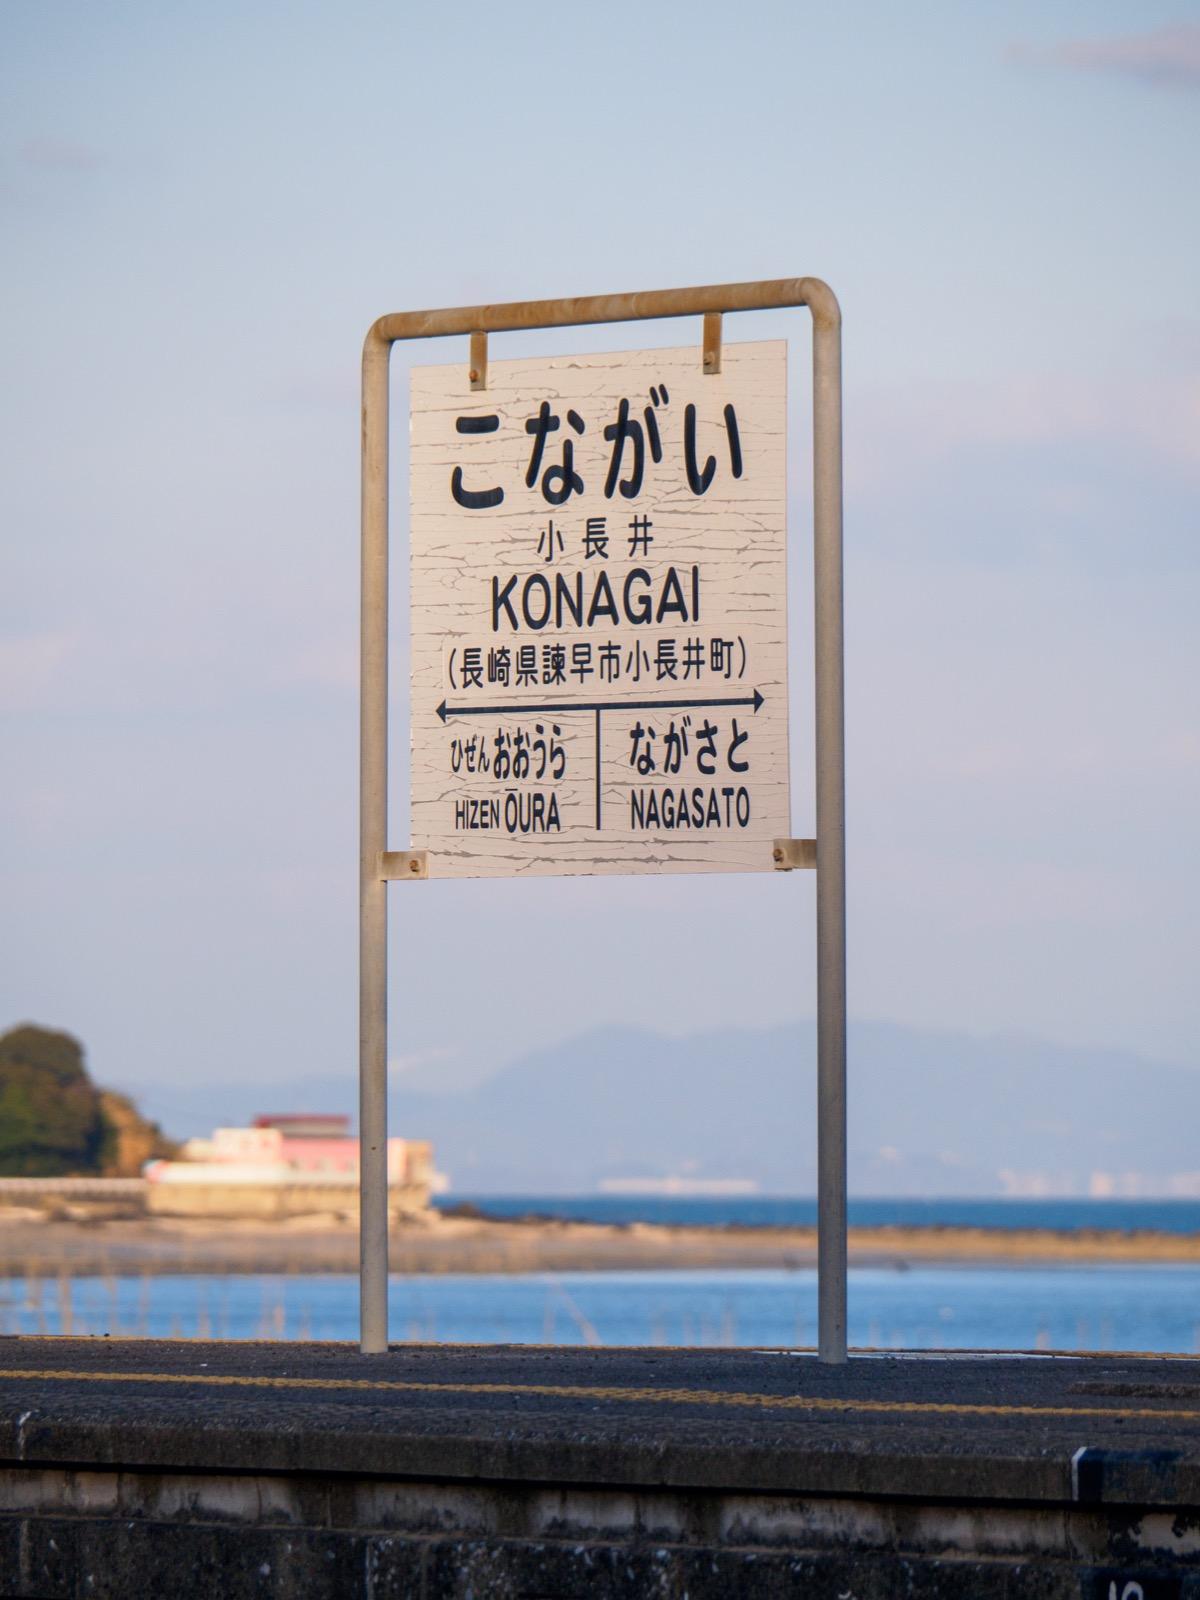 小長井駅の駅名標と諫早湾